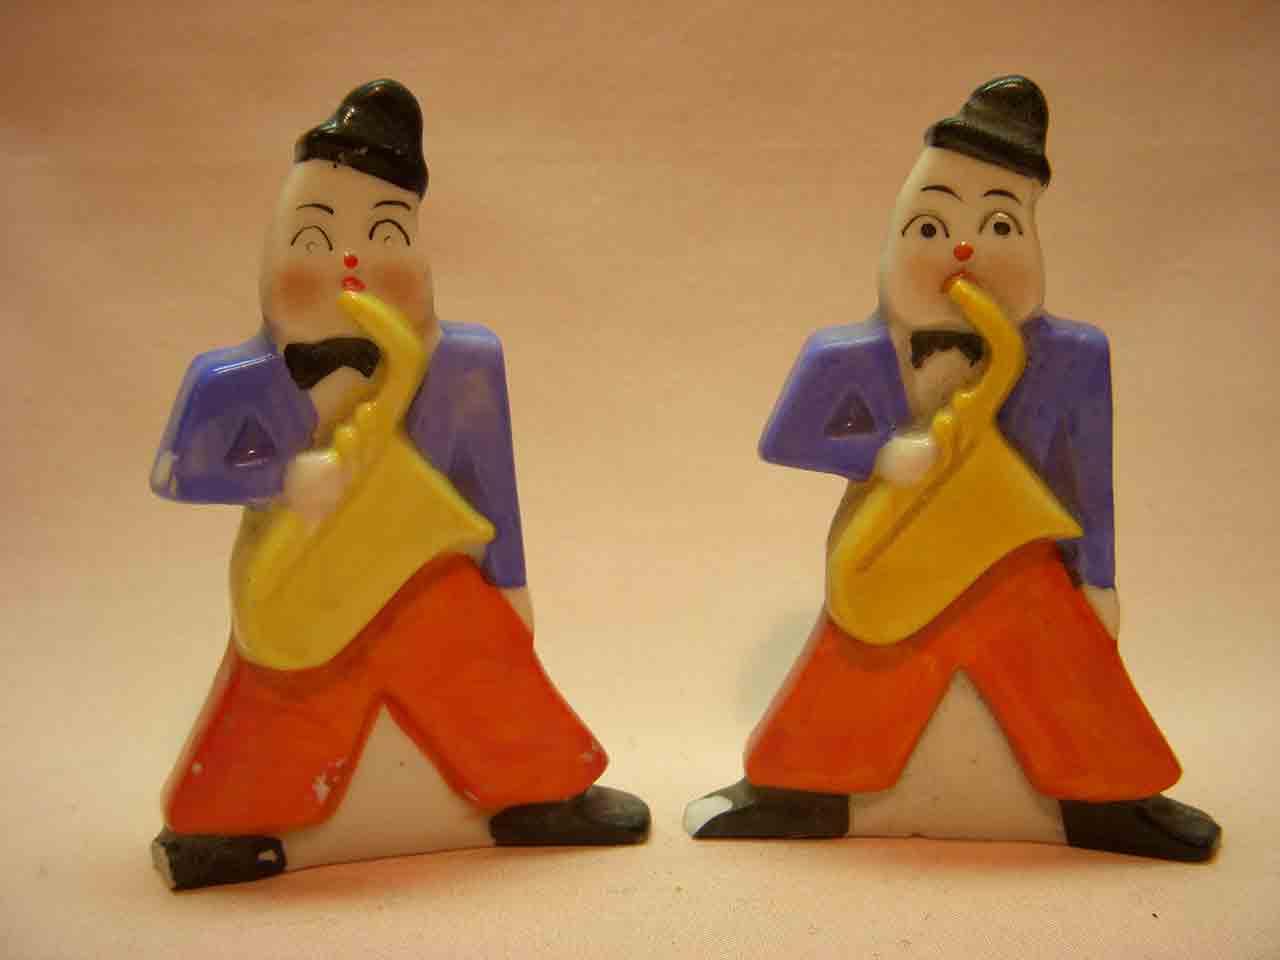 Goebel musicians salt and pepper shakers - alto saxophones